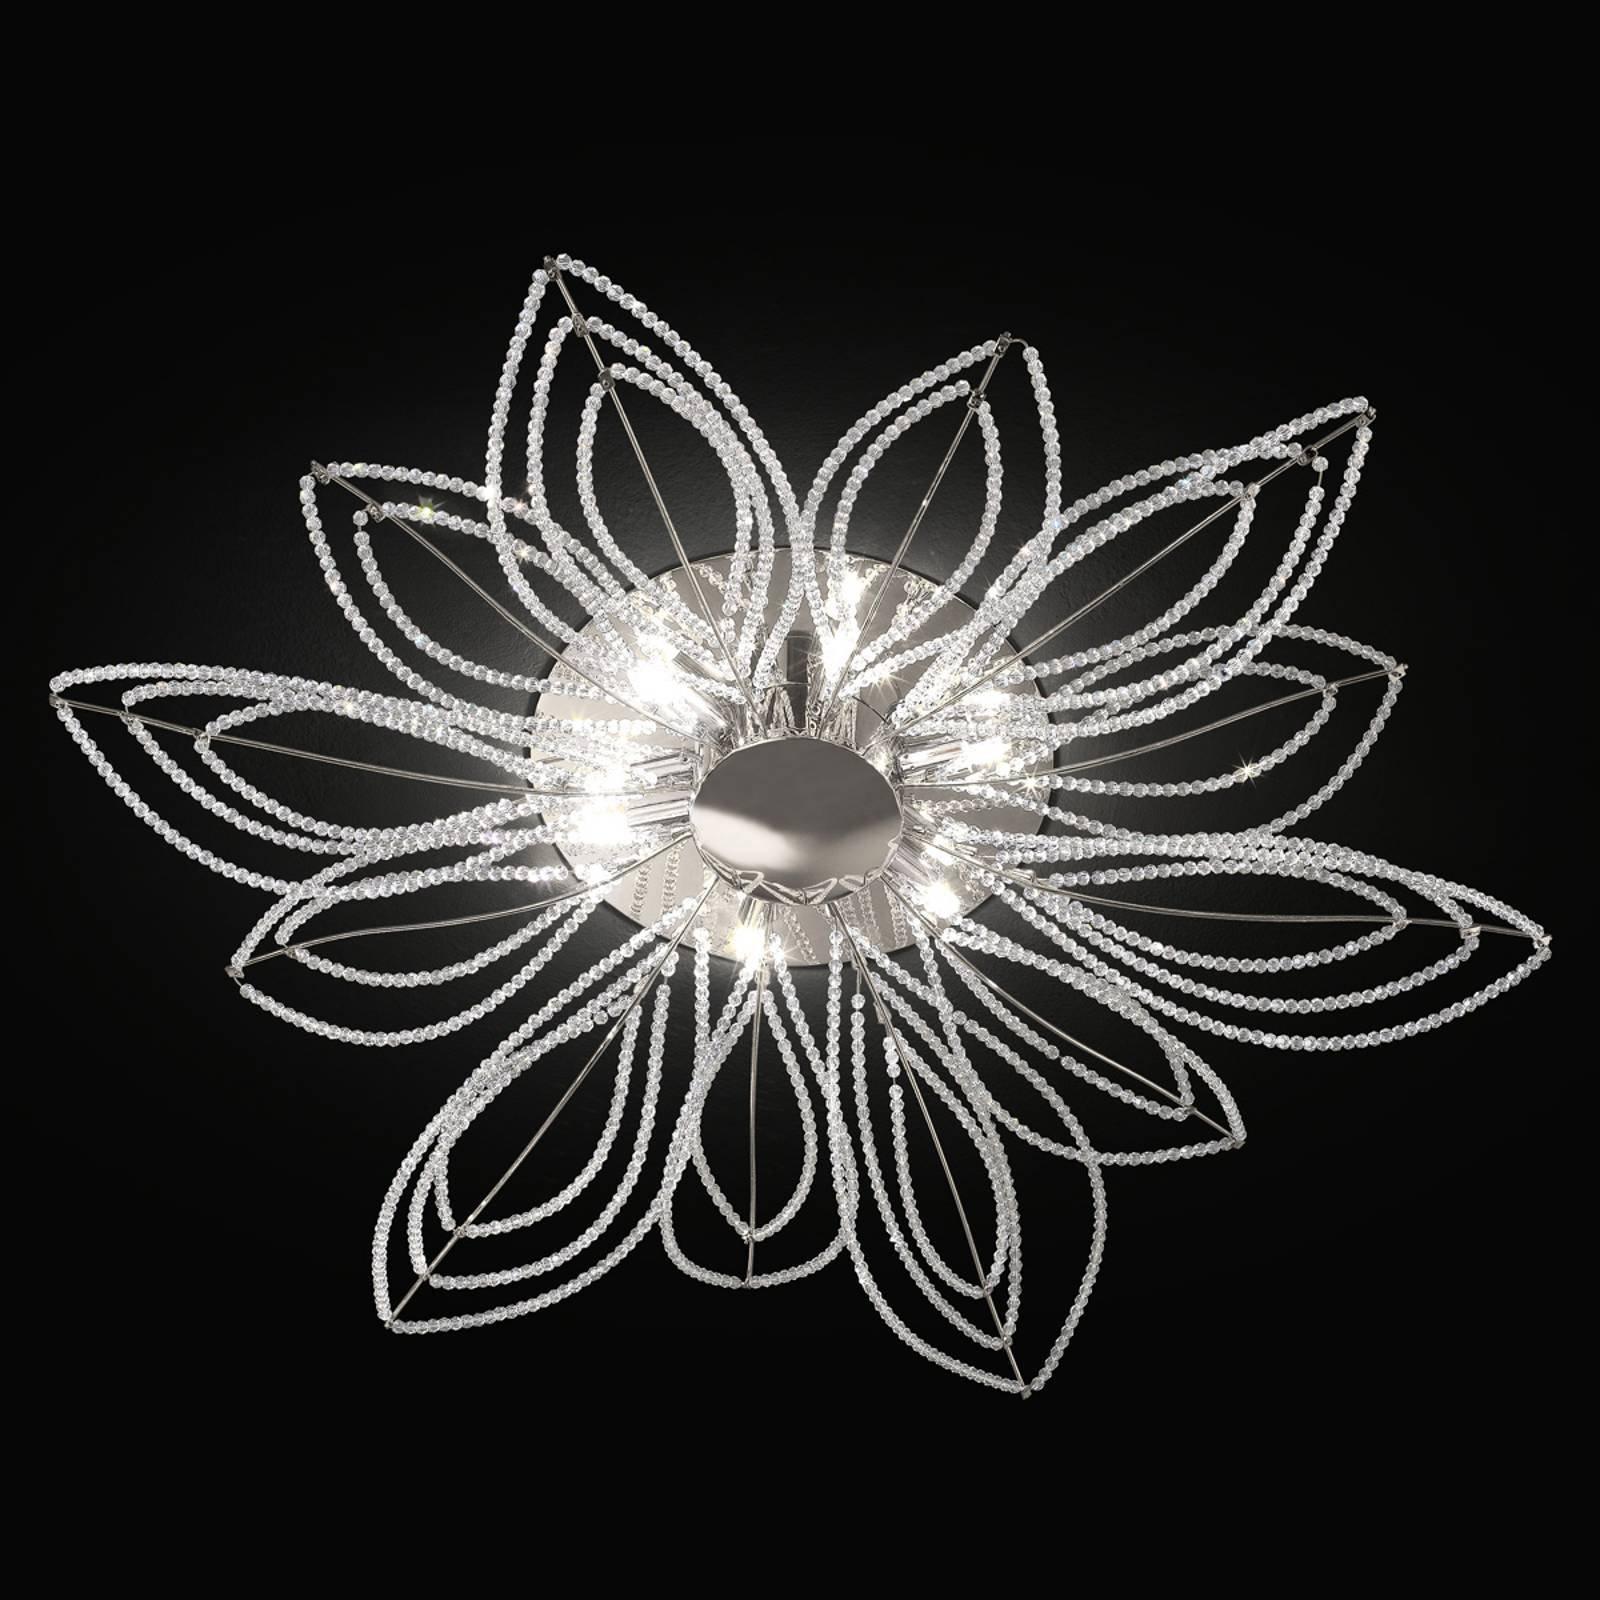 Girasole taklampe i blomsterform, 70 cm